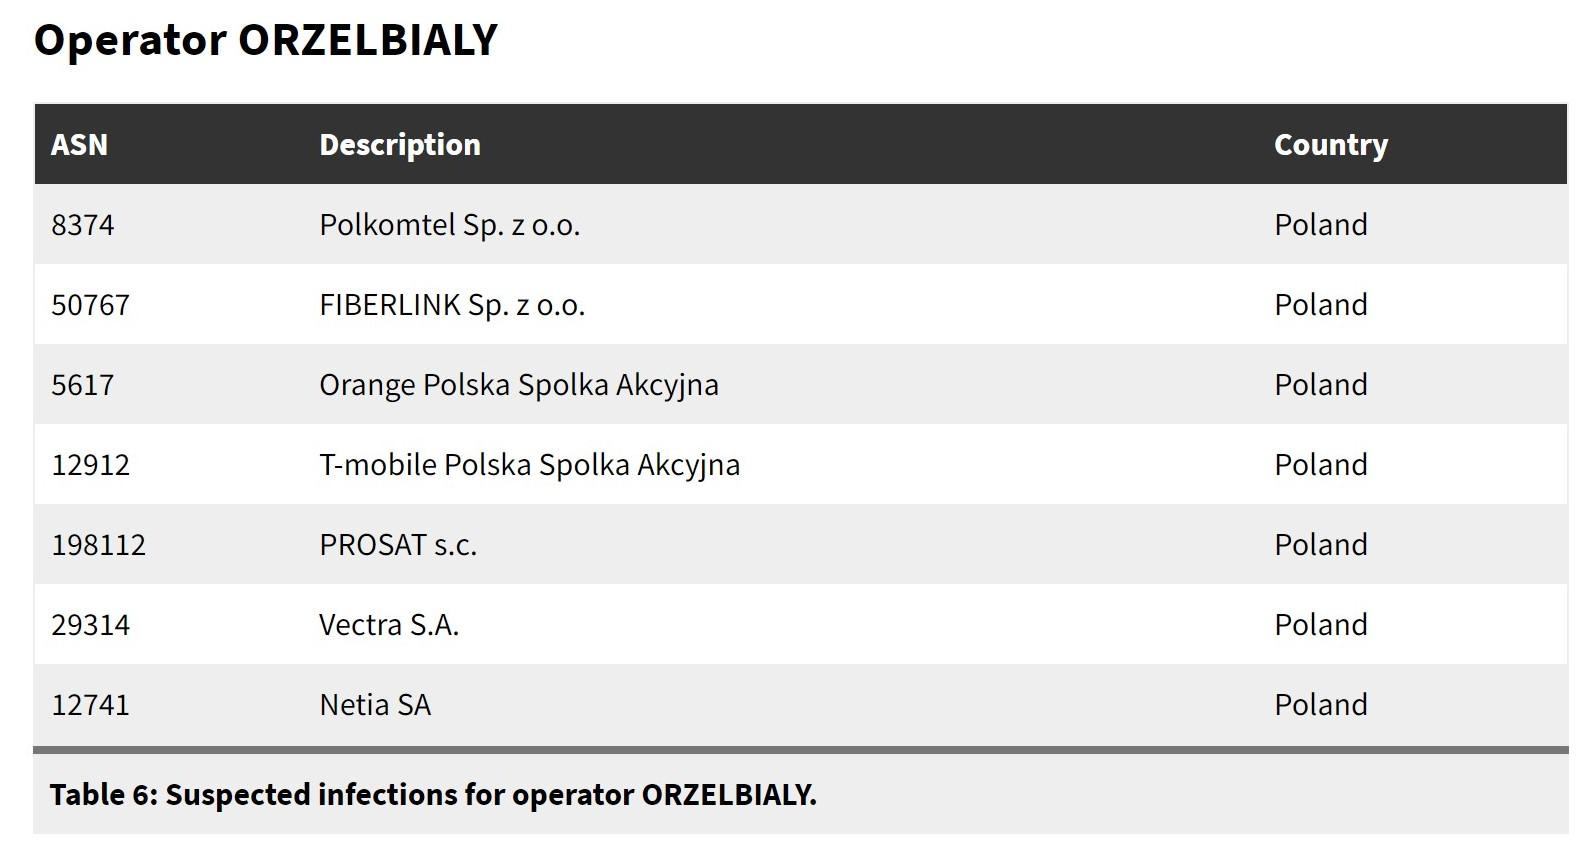 Polskie CBA może być w posiadaniu systemu pozwalającego na śledzenie dowolnego telefonu w kraju